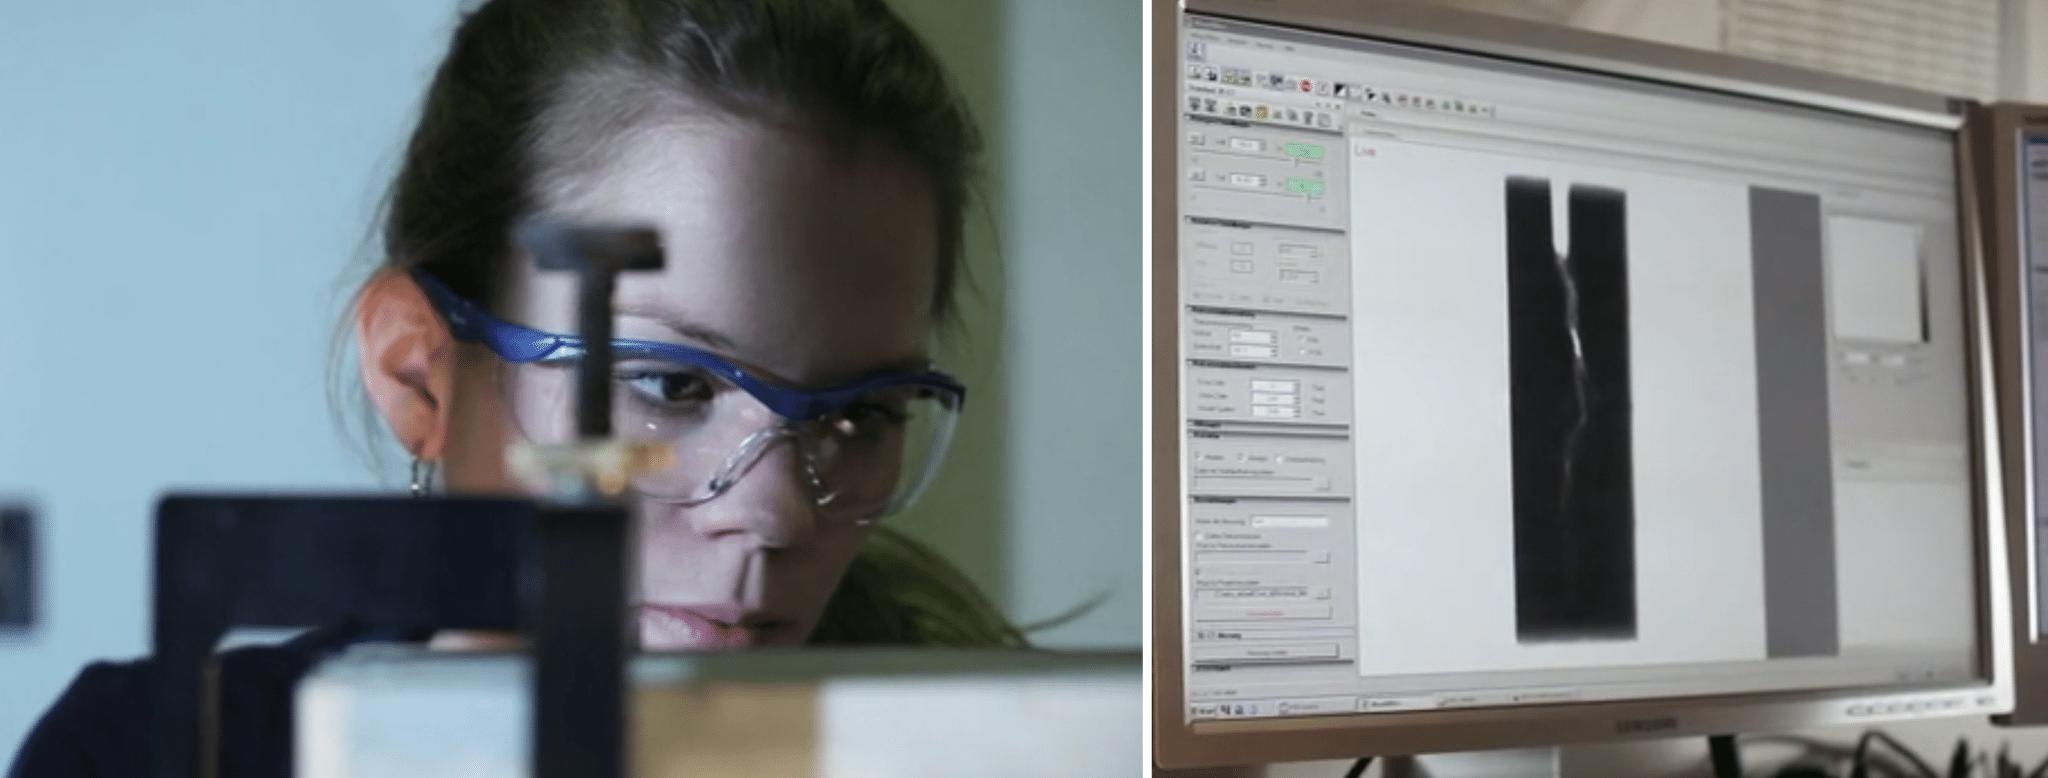 Forschungsvorhaben Videodokumentation - Wissenschaft im Film darstellen